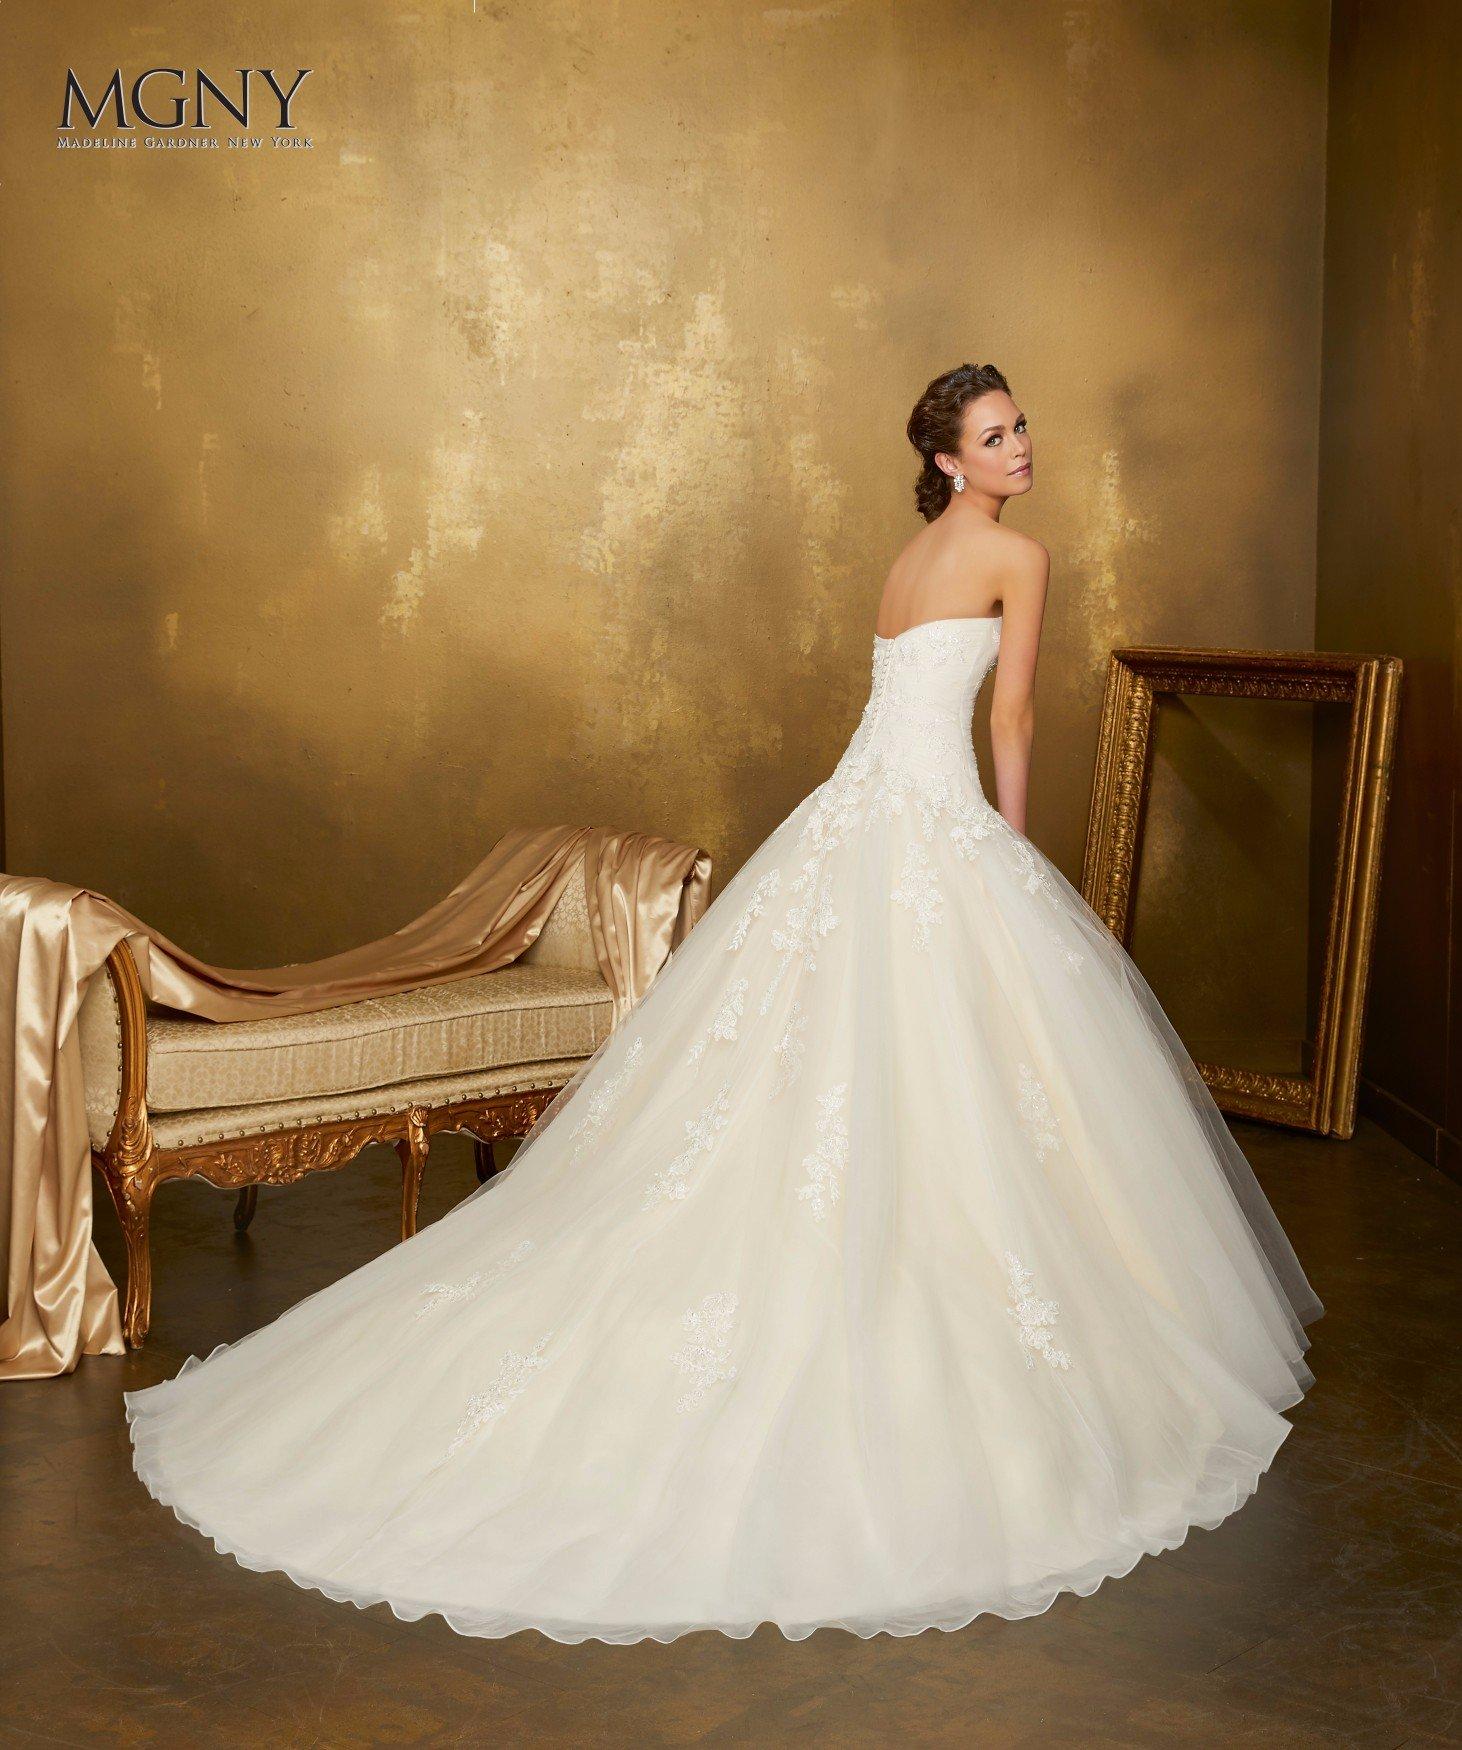 Abito da sposa bianco in stile sirena